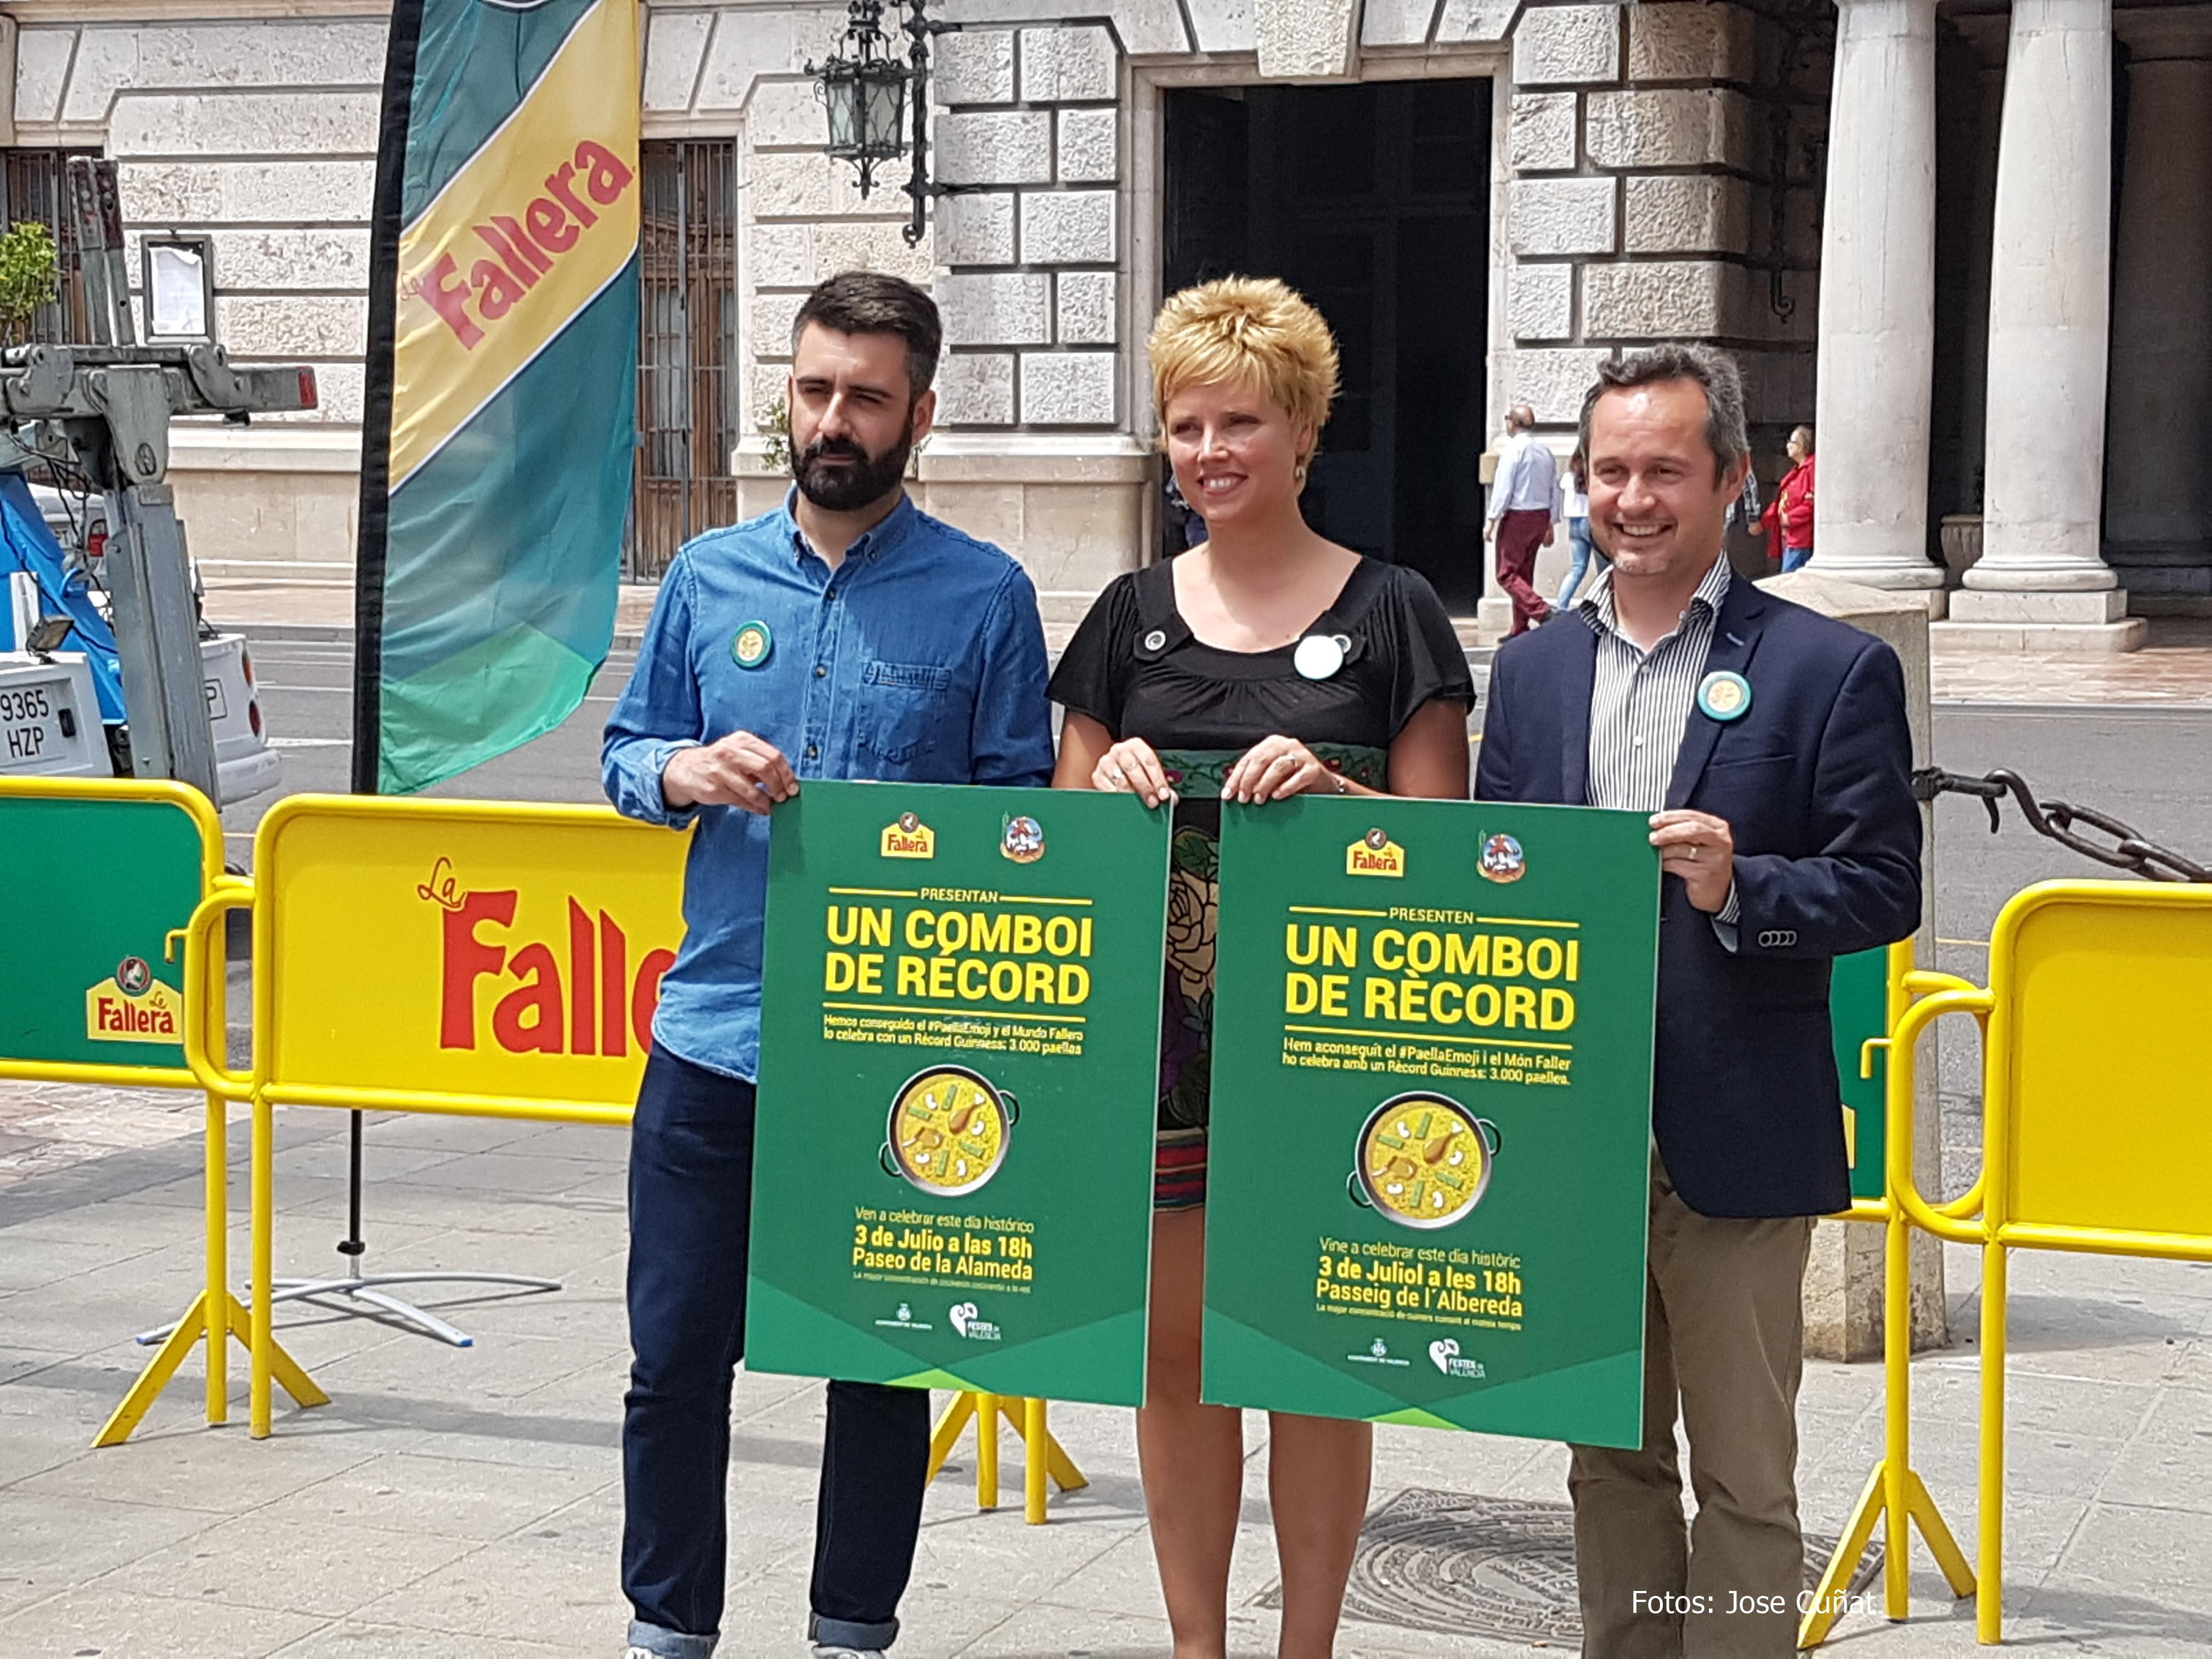 El Ayuntamiento y arroz La Fallera convoca a falleros y vecinos a la celebración comboi #paellaemoji el 3 de julio